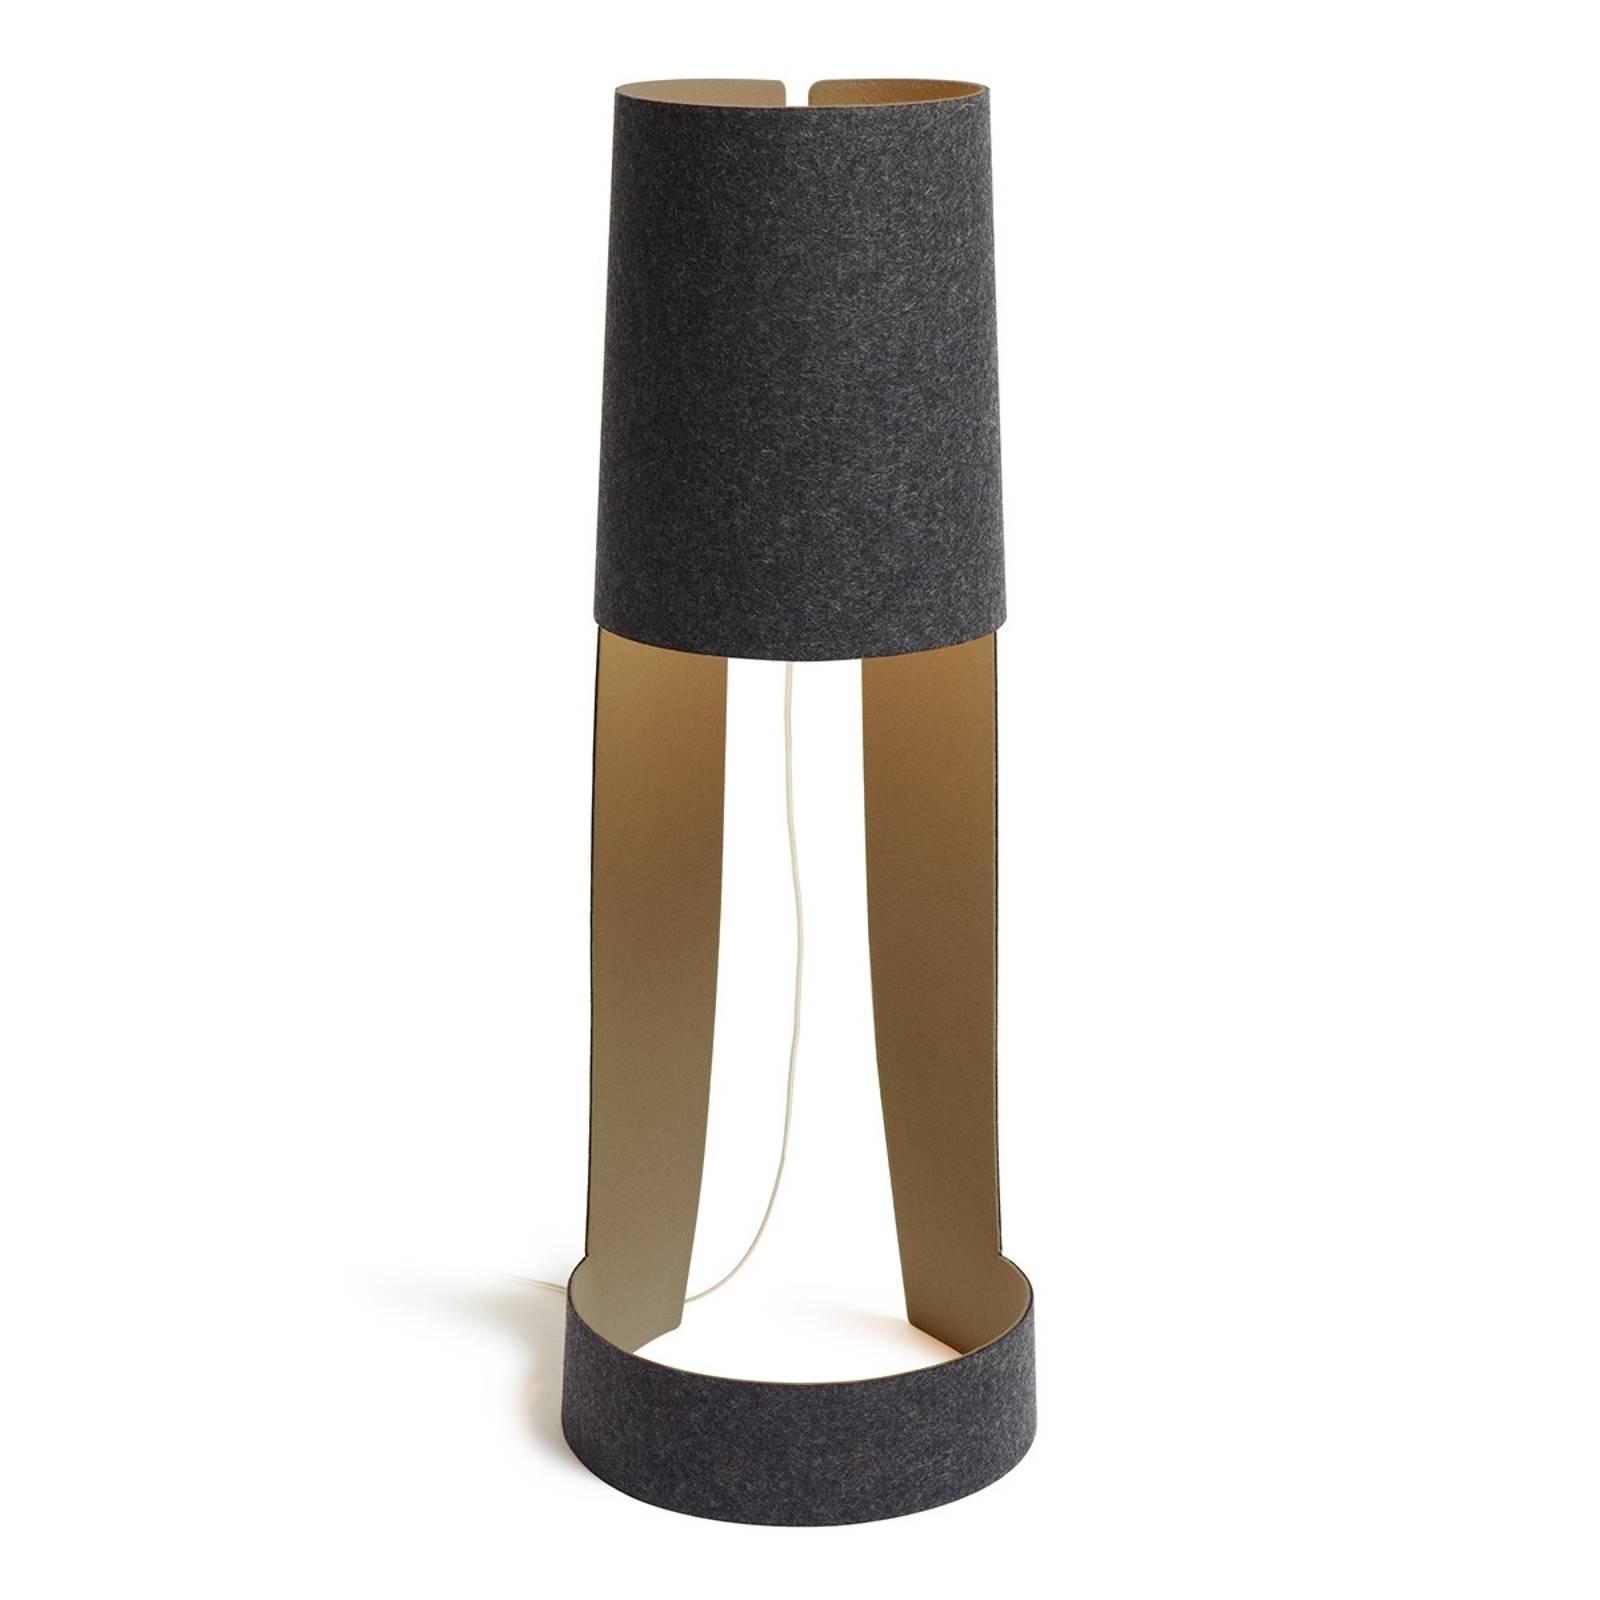 Kleine design vloerlamp Mia XL grafiet-steen